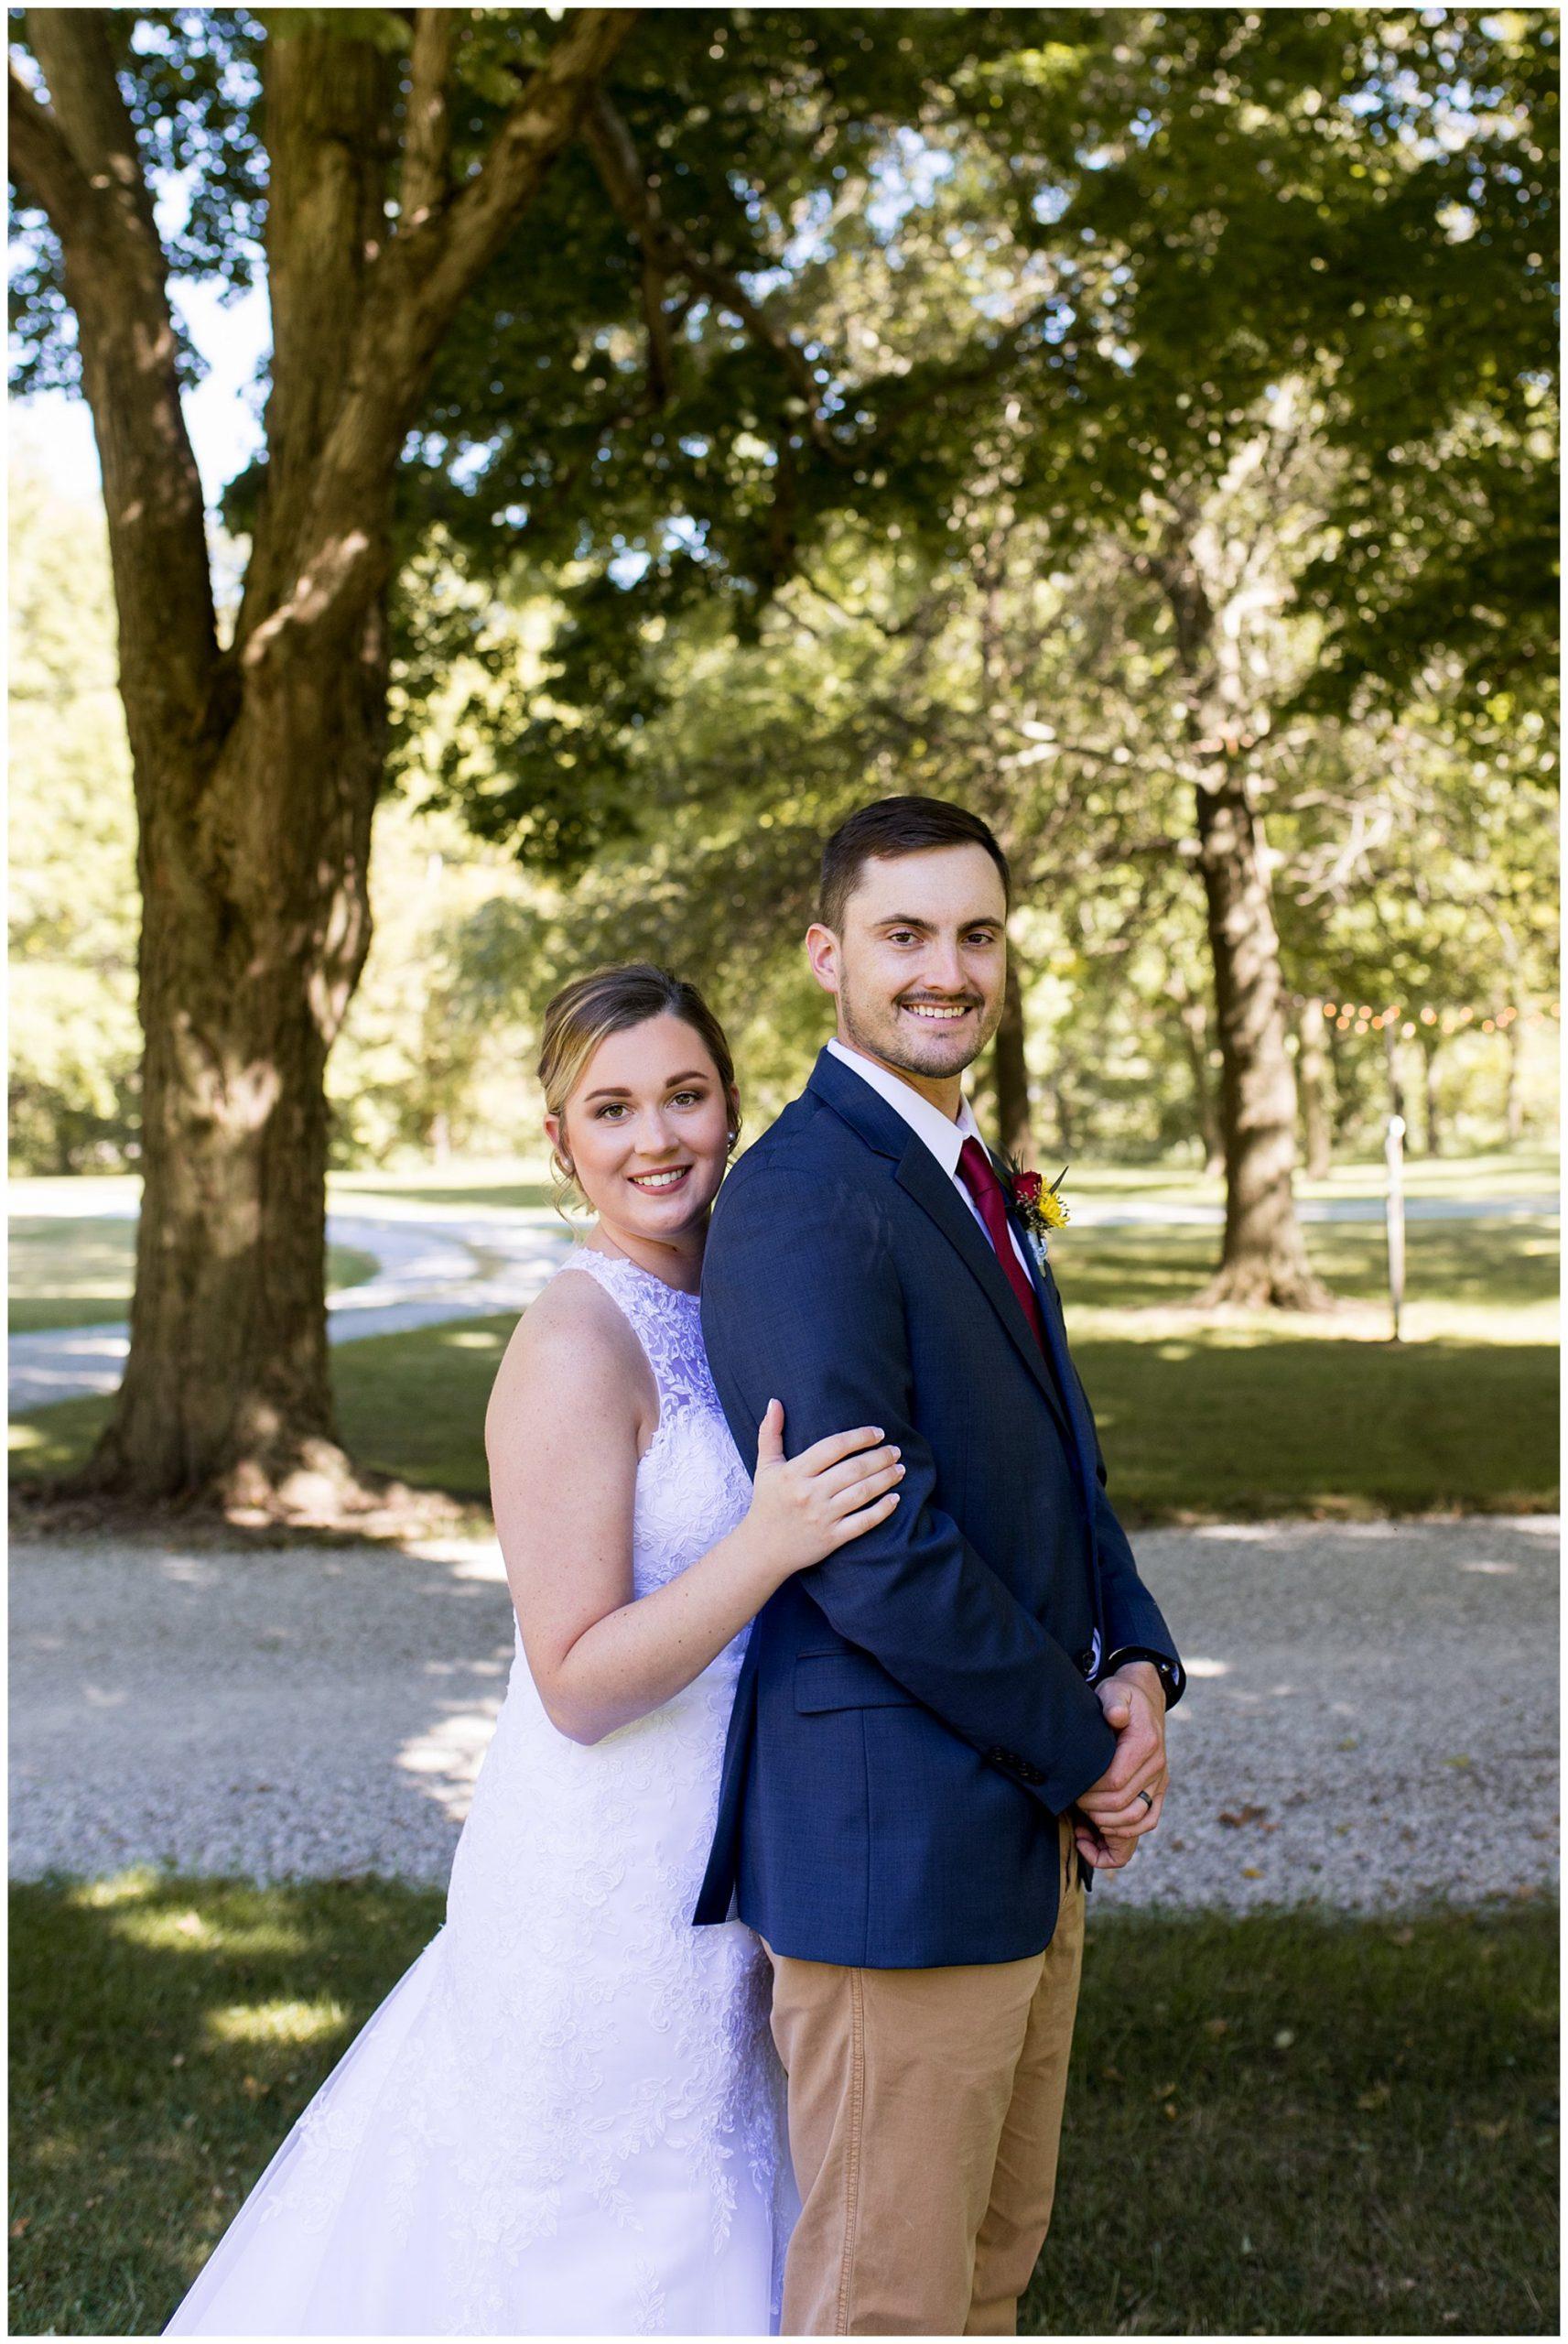 bride and groom photos at Legacy Barn wedding venue in Kokomo Indiana